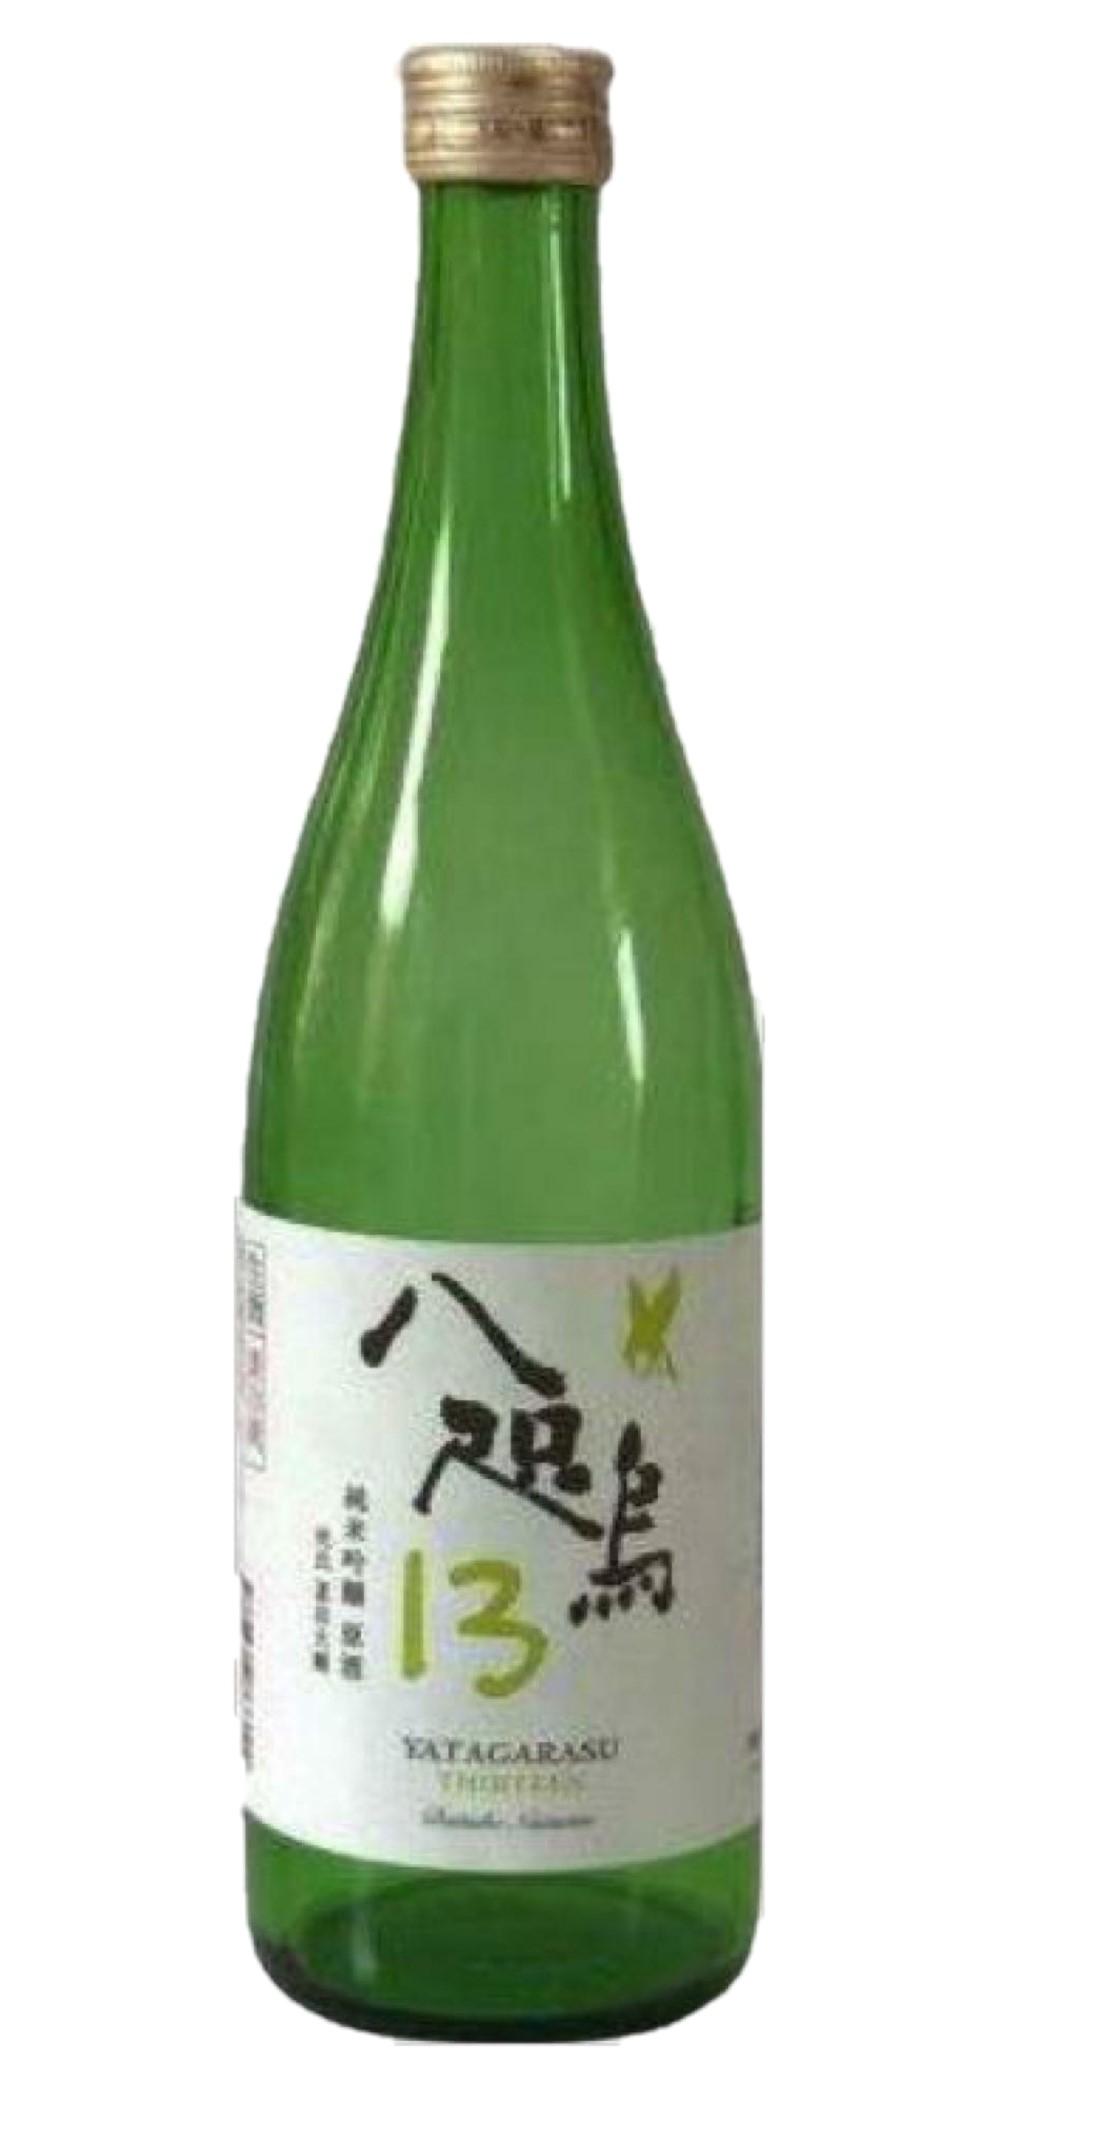 八咫烏(やたがらす)13 純米吟醸生原酒 720ml